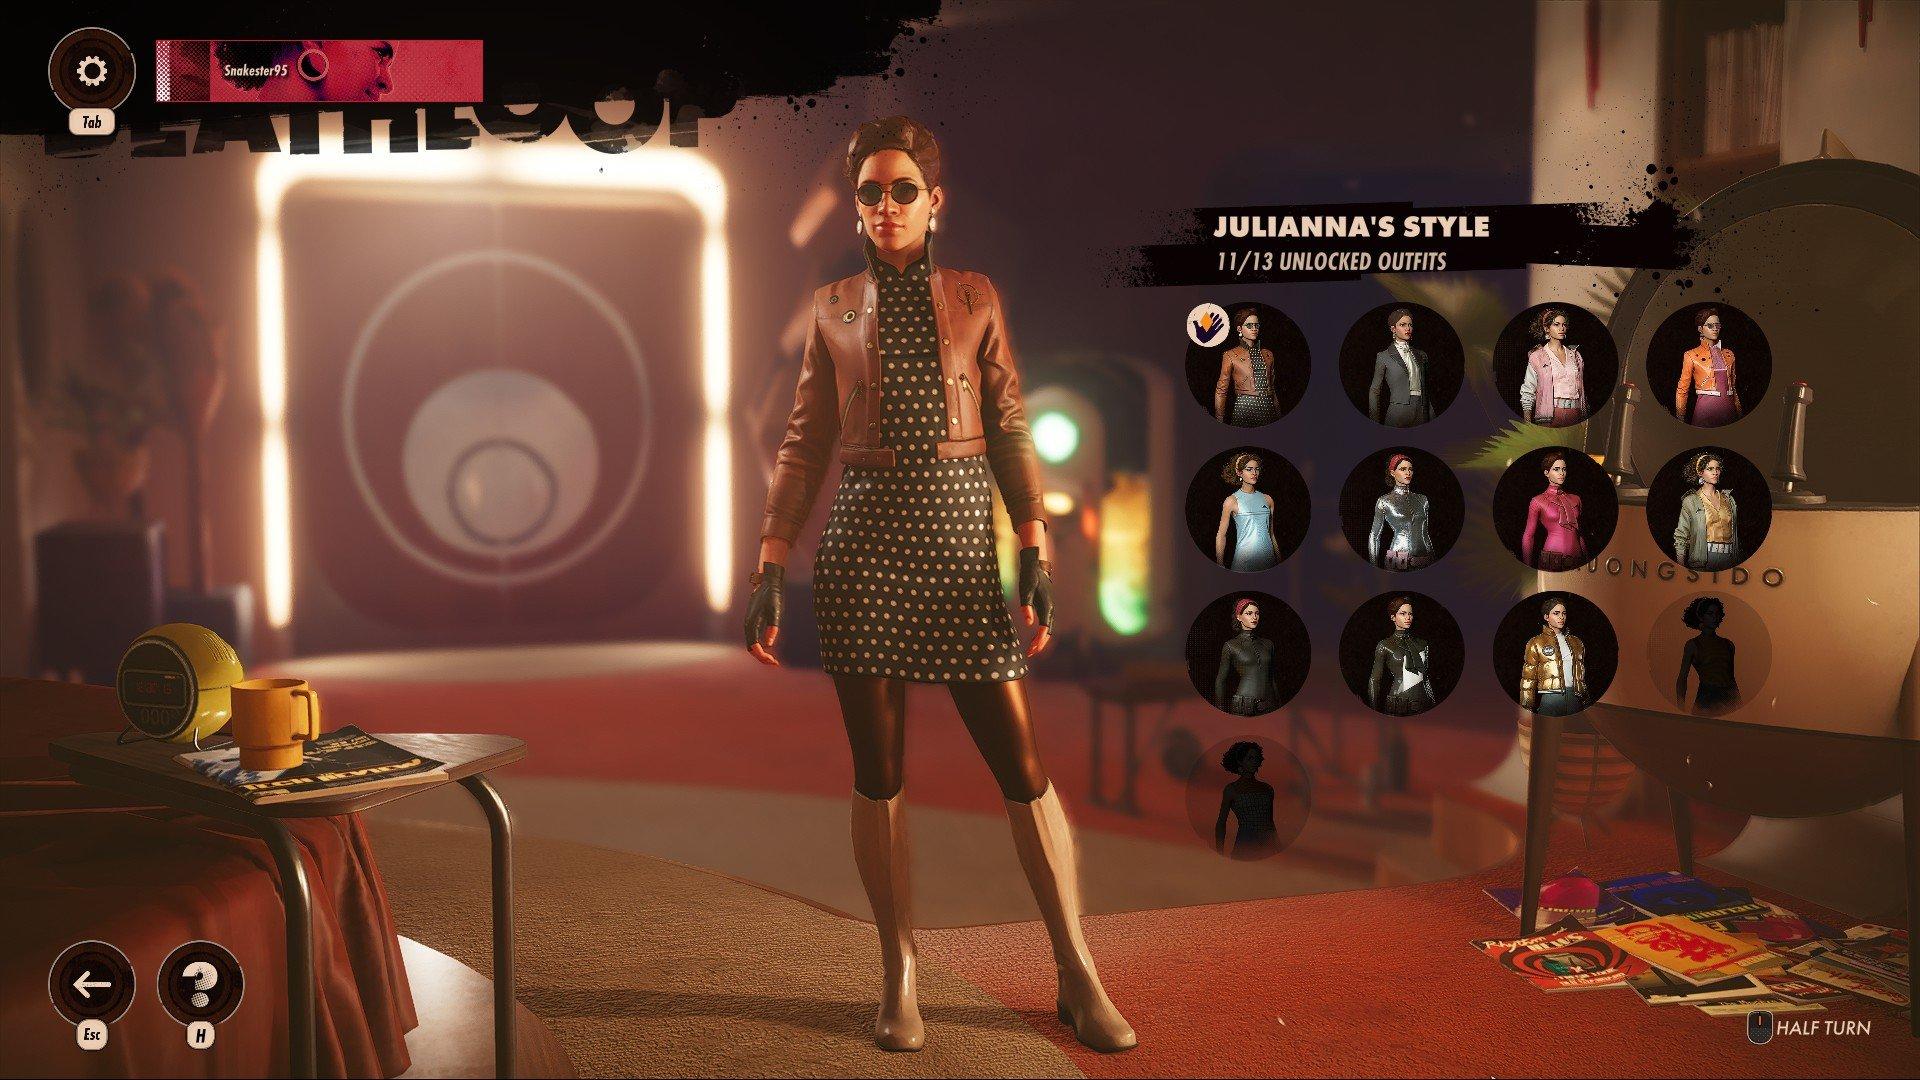 Deathloop - Julianna Outfits Screenshot